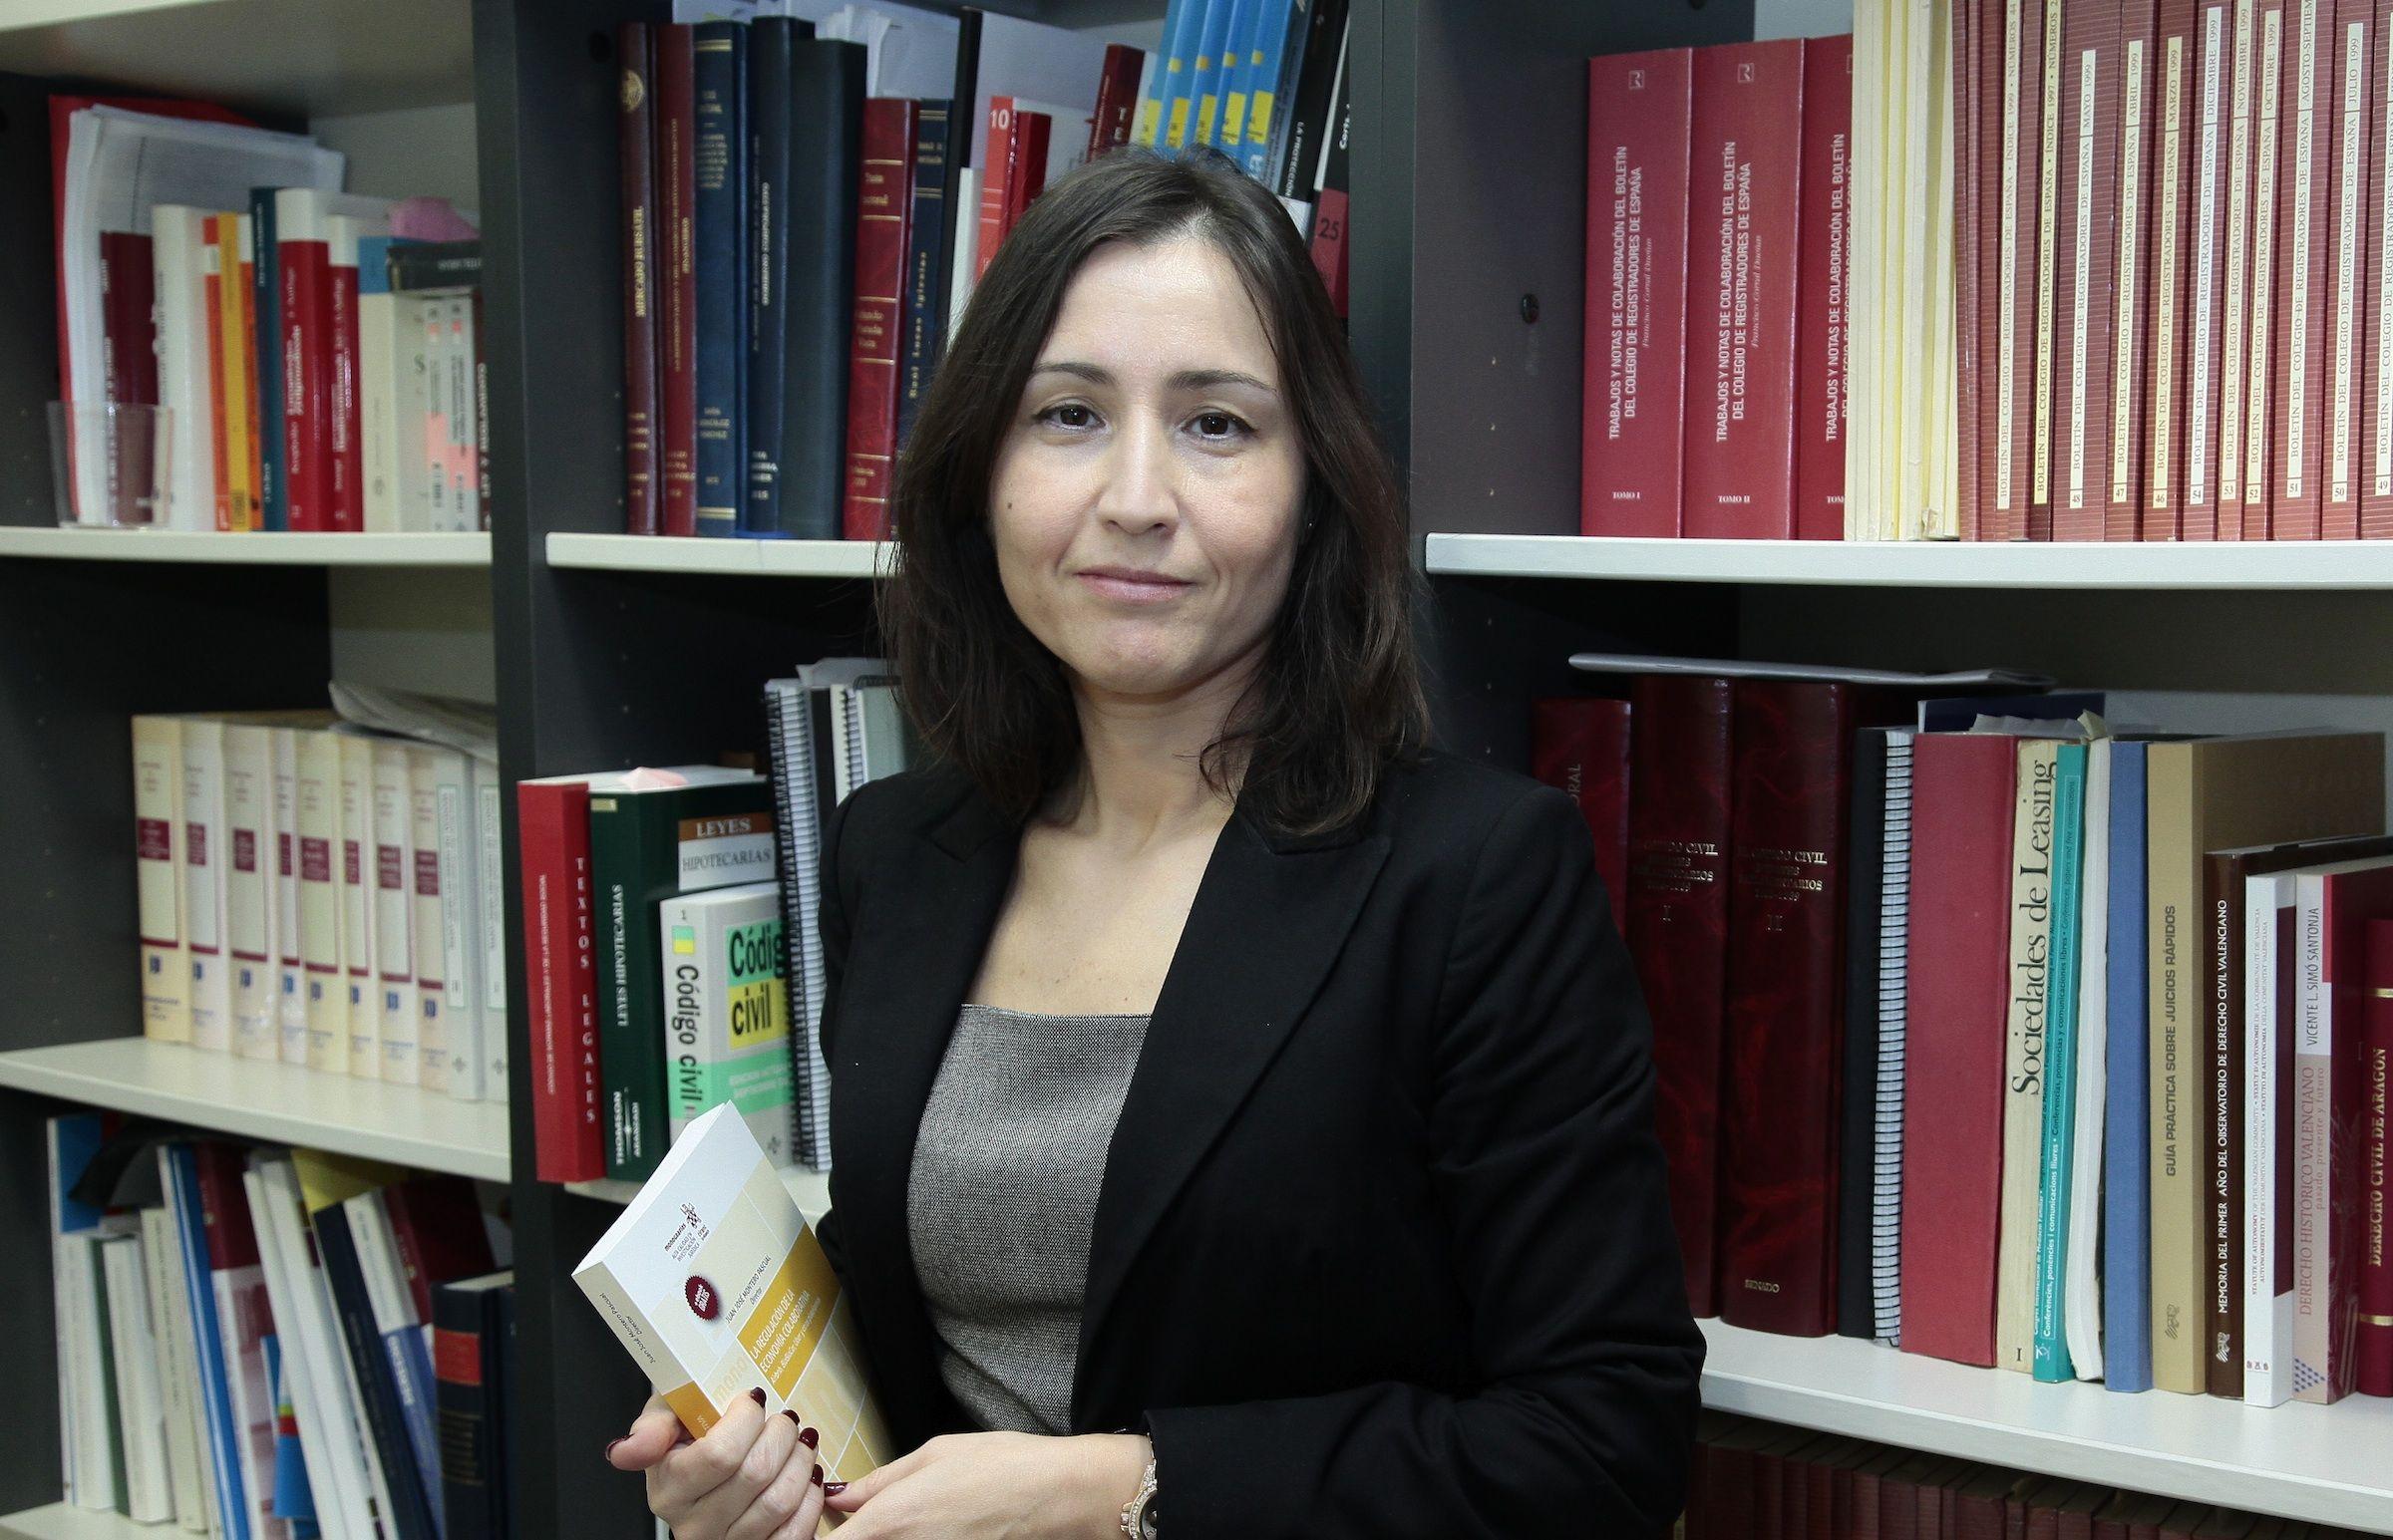 La profesora titular de Derecho Mercantil del CEU-UCH, Isabel Rodríguez Martínez, autora del estudio.